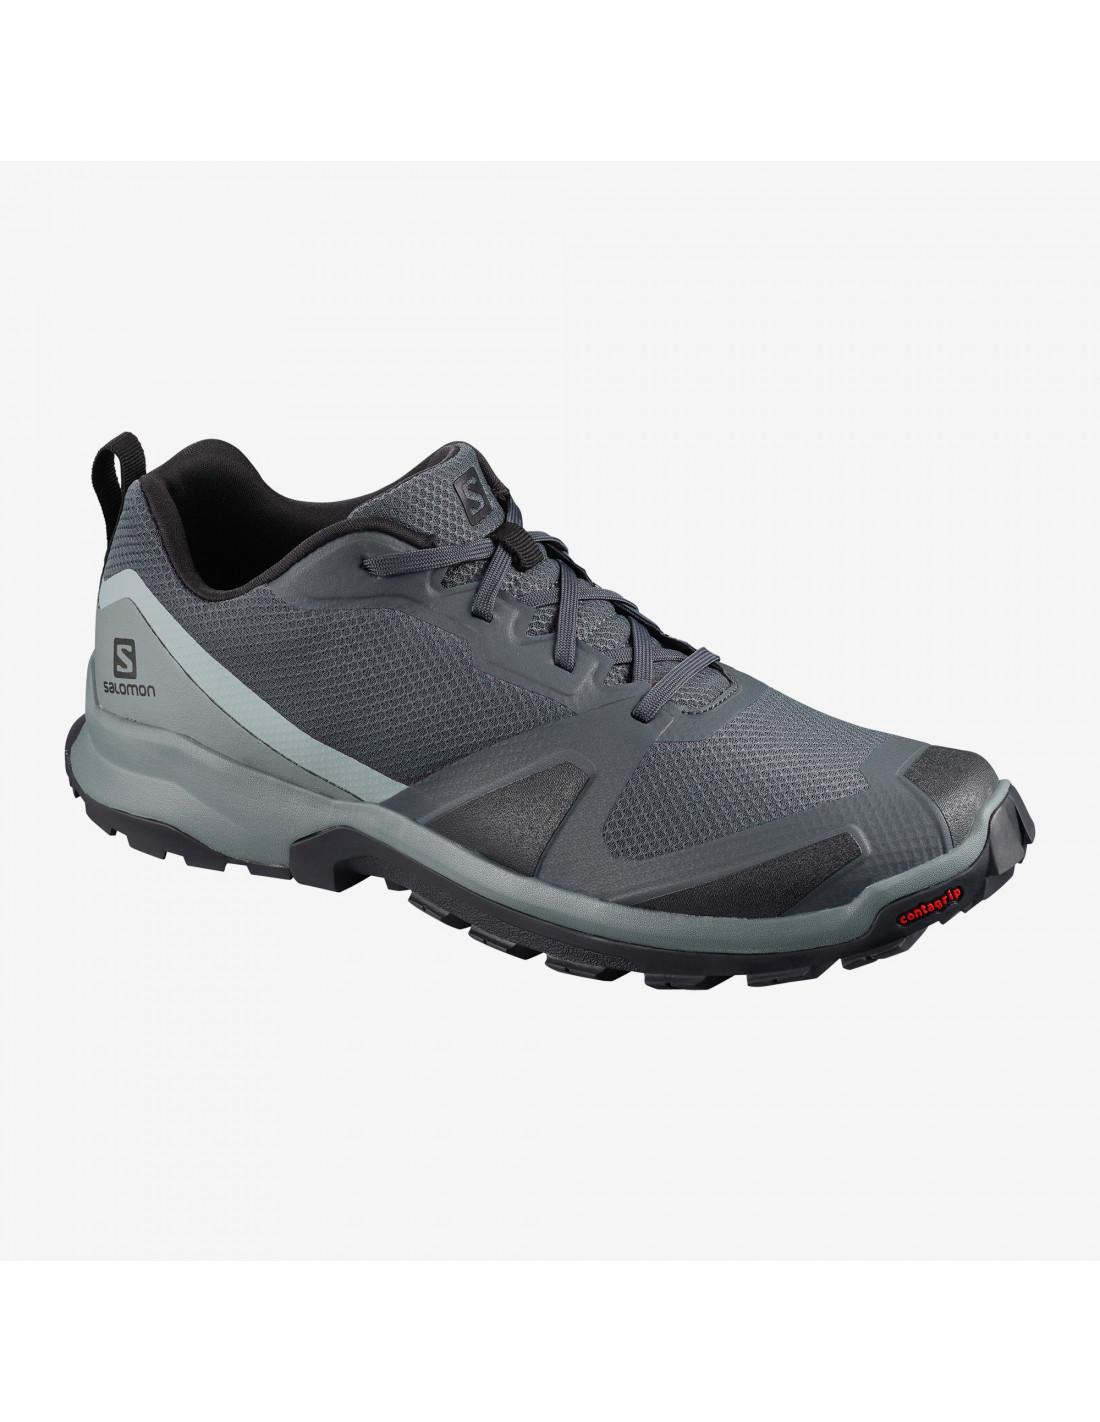 precios de zapatillas salomon por mayor wilson